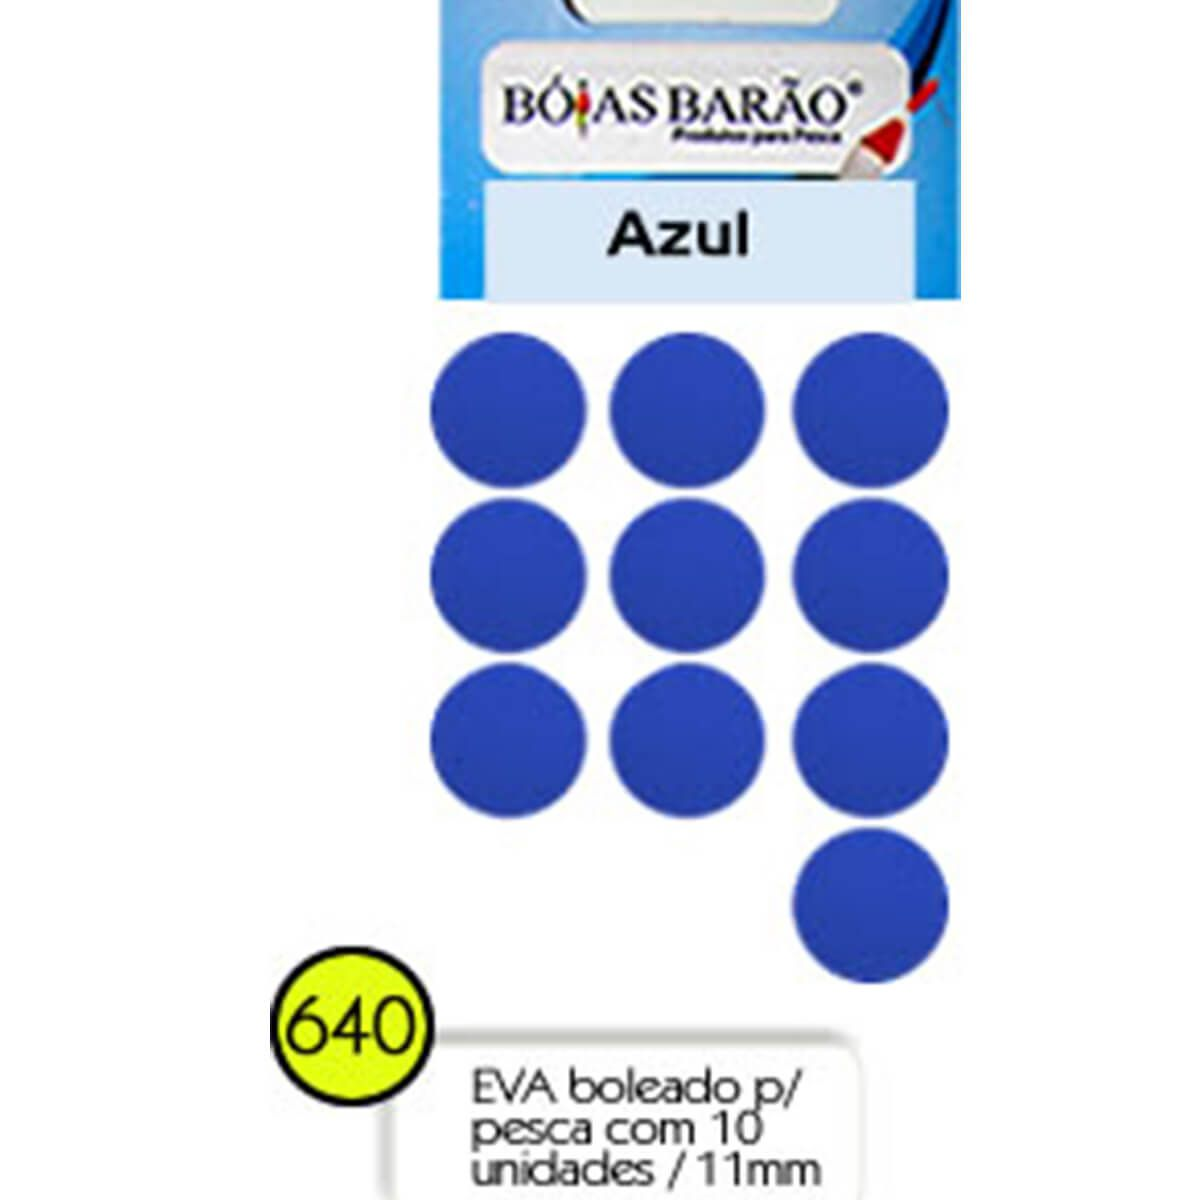 Eva Flutuador Boias Barão 11mm 10 unid - Nº 640